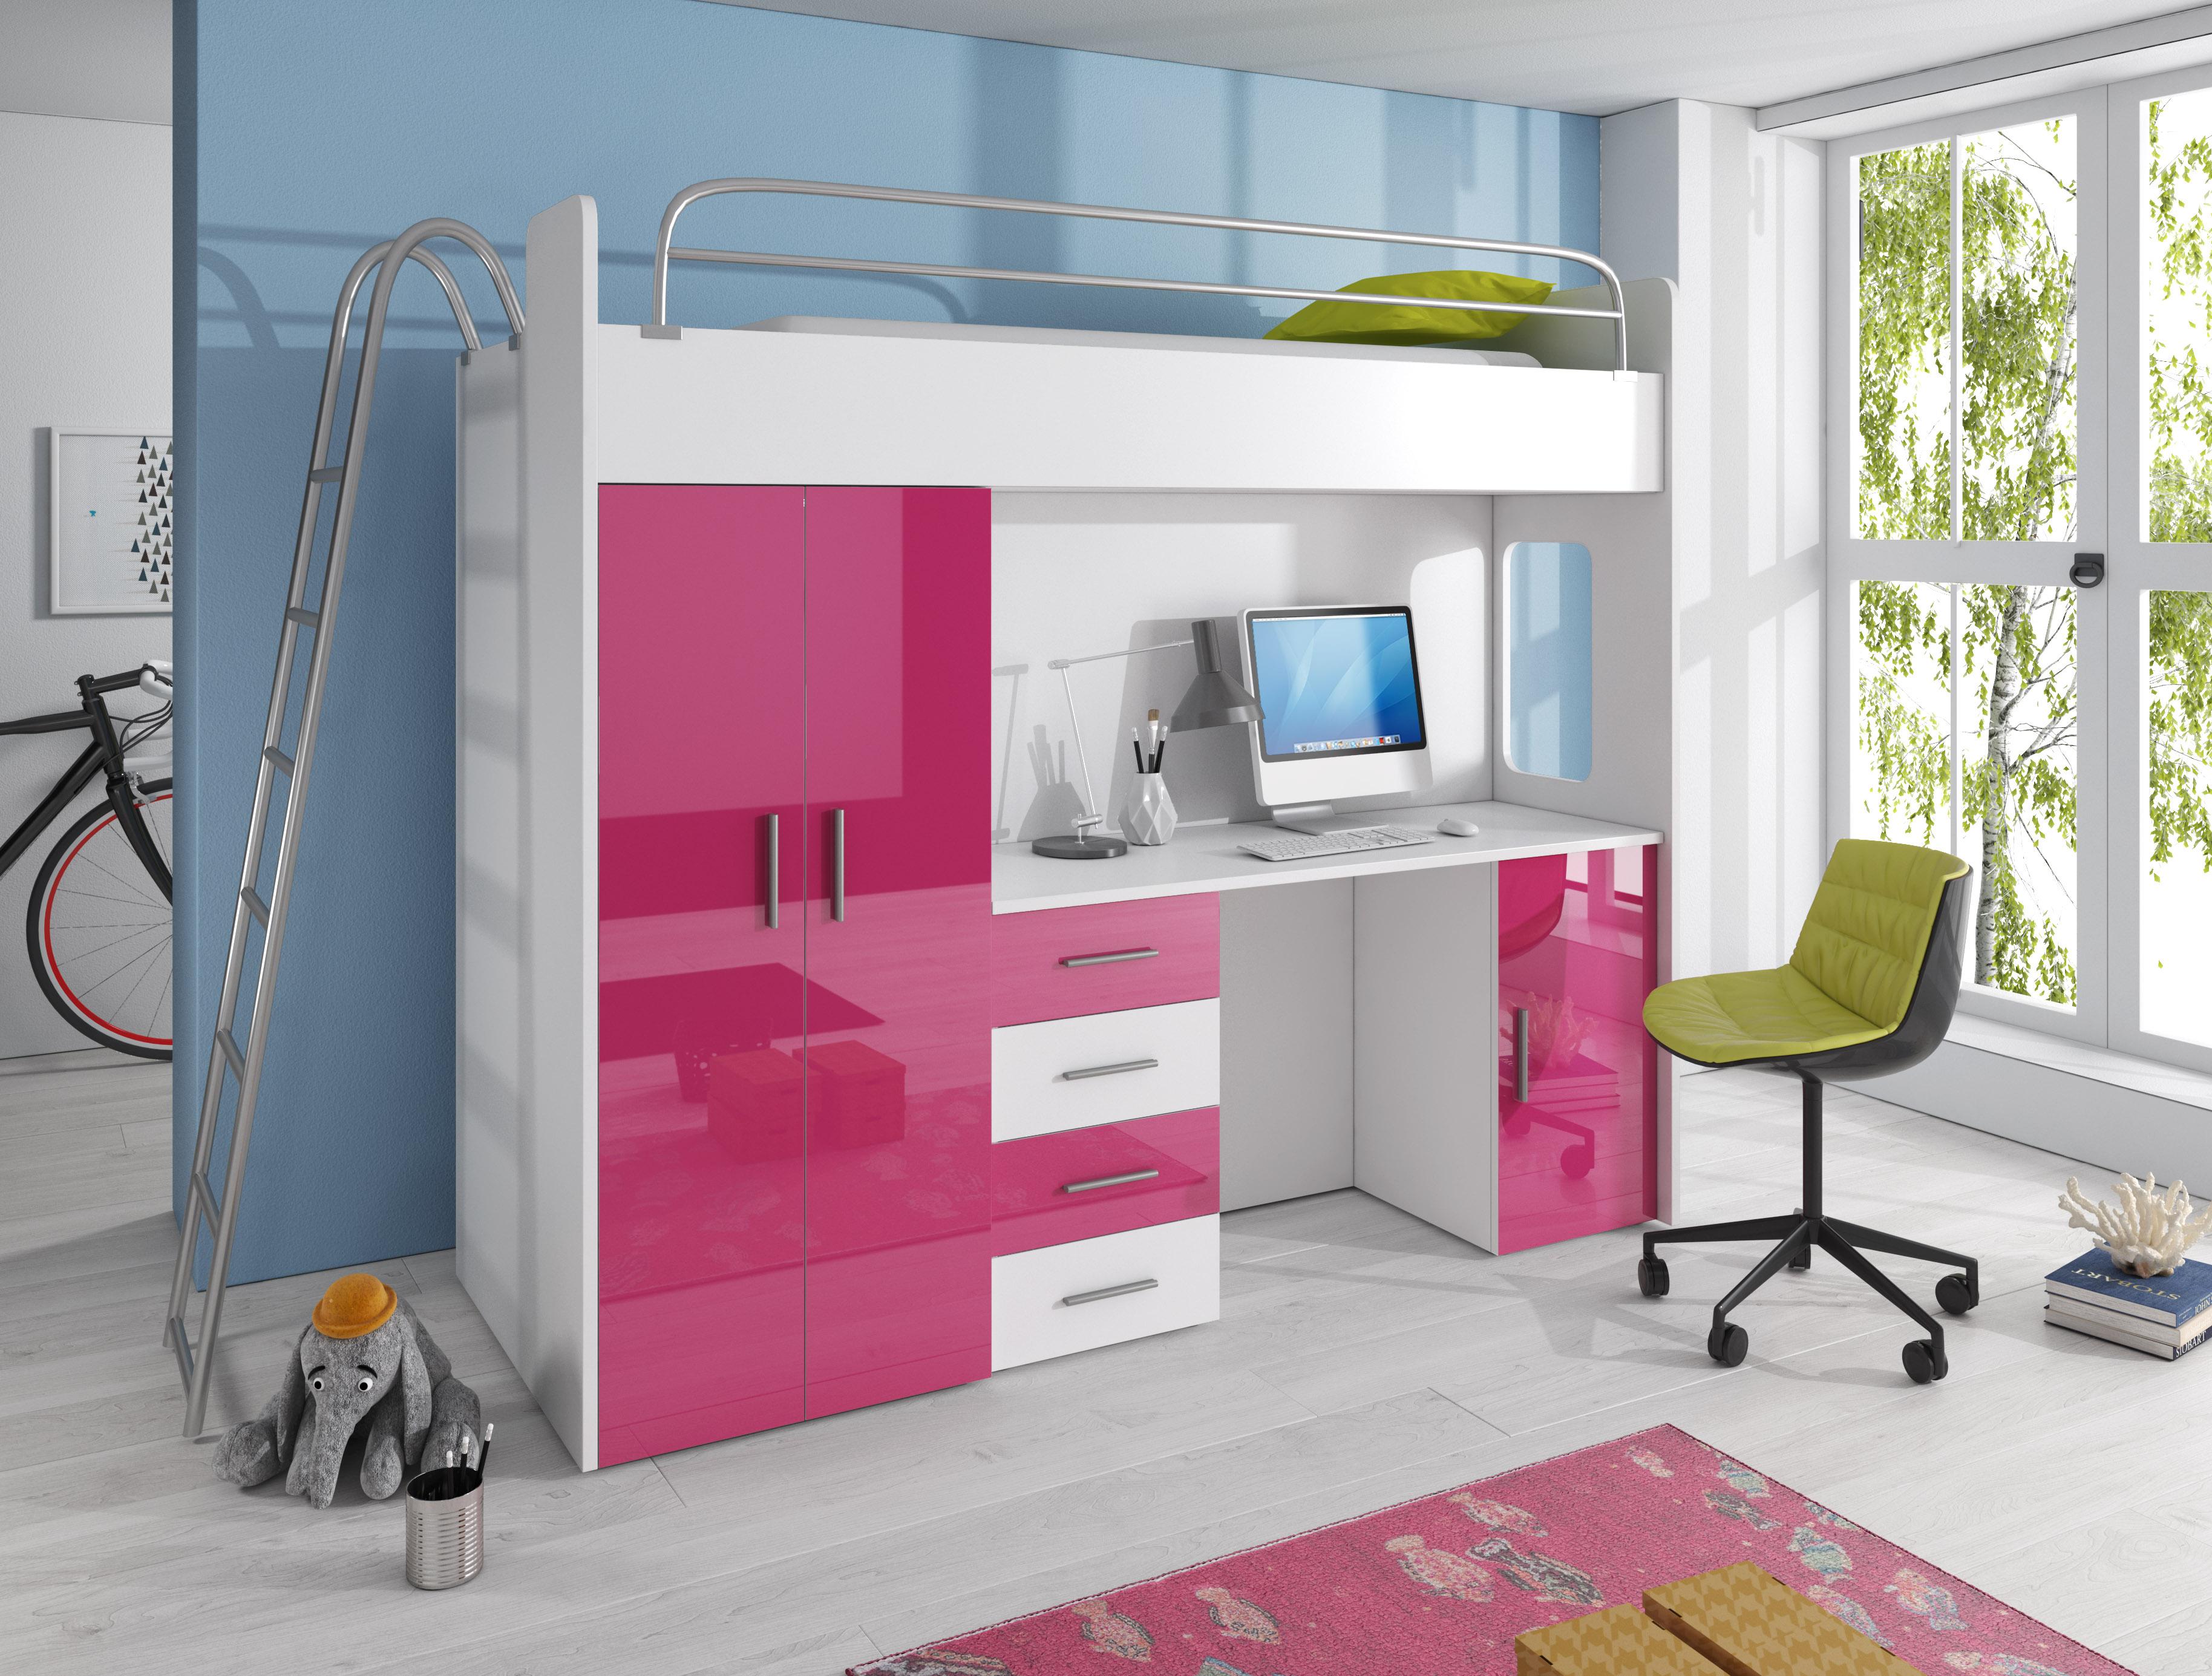 ccffa6bd0bdb Detská posteľ Ruby IV D (Biela + Ružová) (s roštom a matracom ...